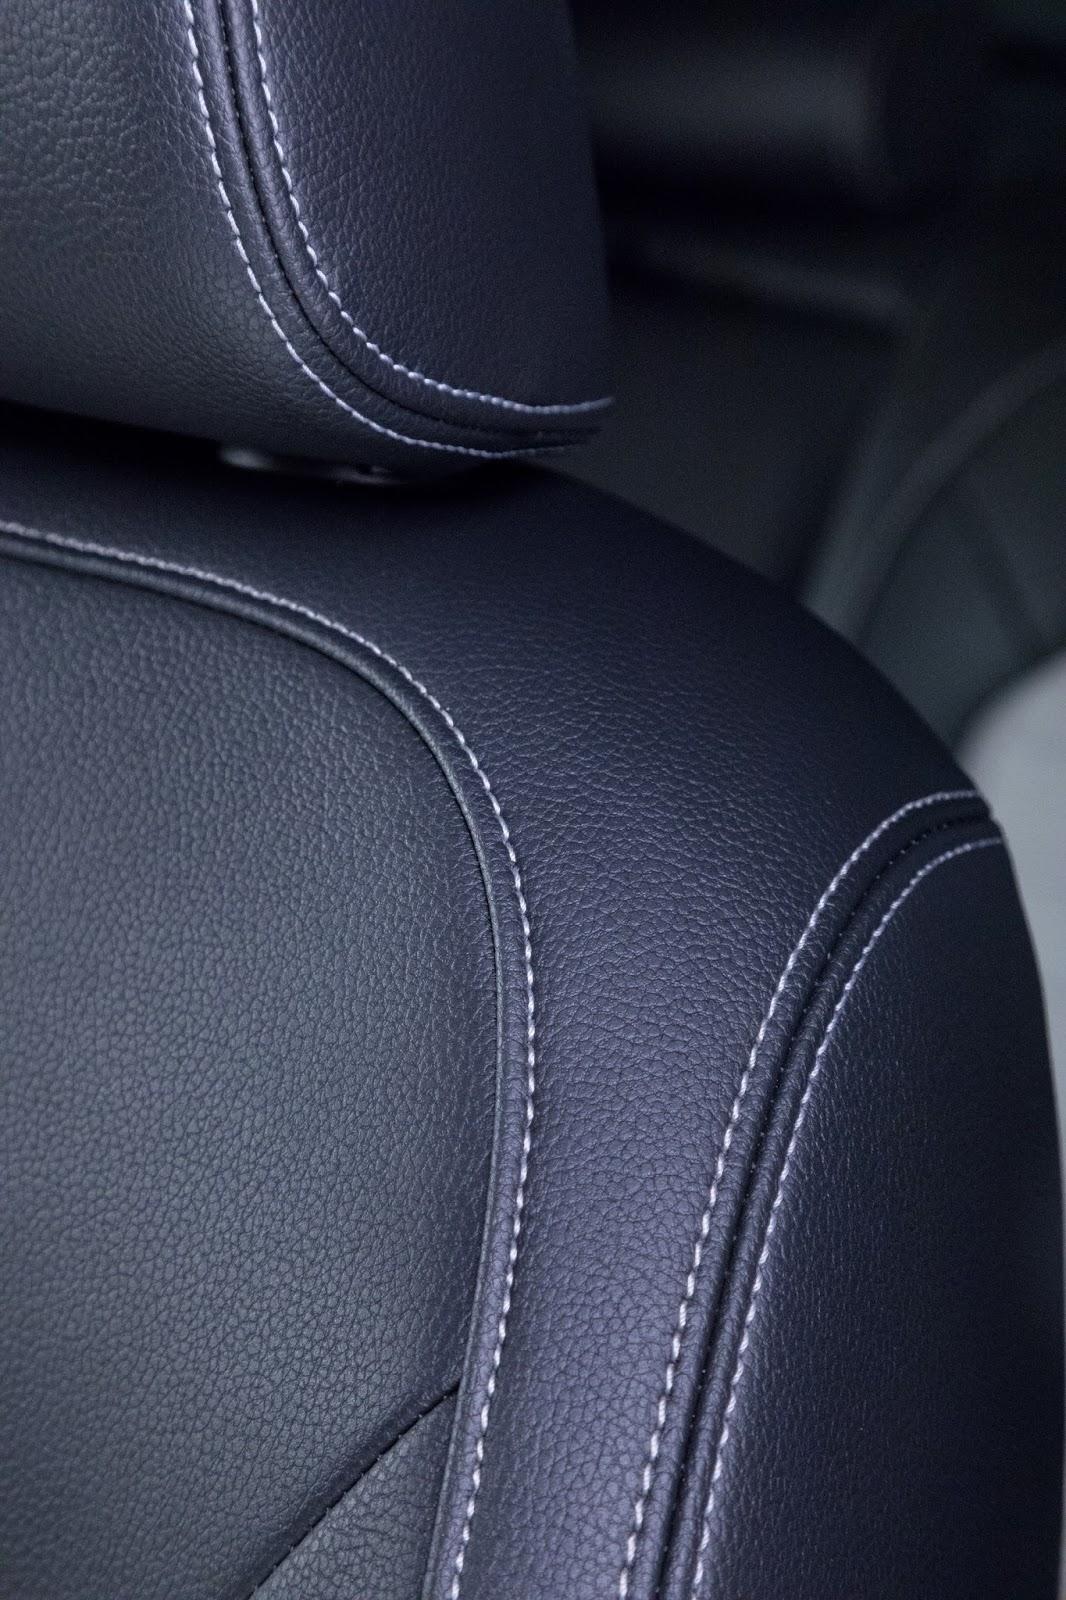 2018_Volkswagen_Passat_GT_0022